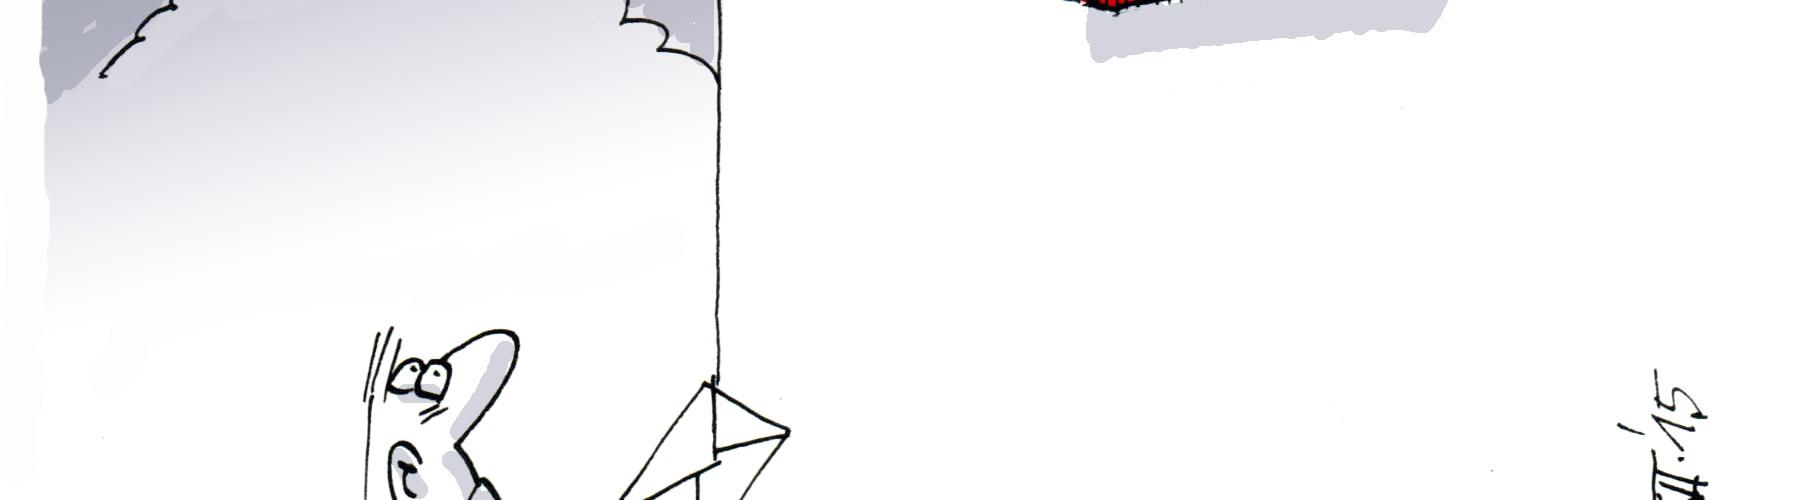 Ein Cartoon: Ein Rollstuhlfahrer möchte einen Brief in einen Postkasten werfen. Der Postkasten ist viel zu hoch montiert für ihn. Darauf steht: Barrierefreies Salzburg Anregungen und Beschwerden.